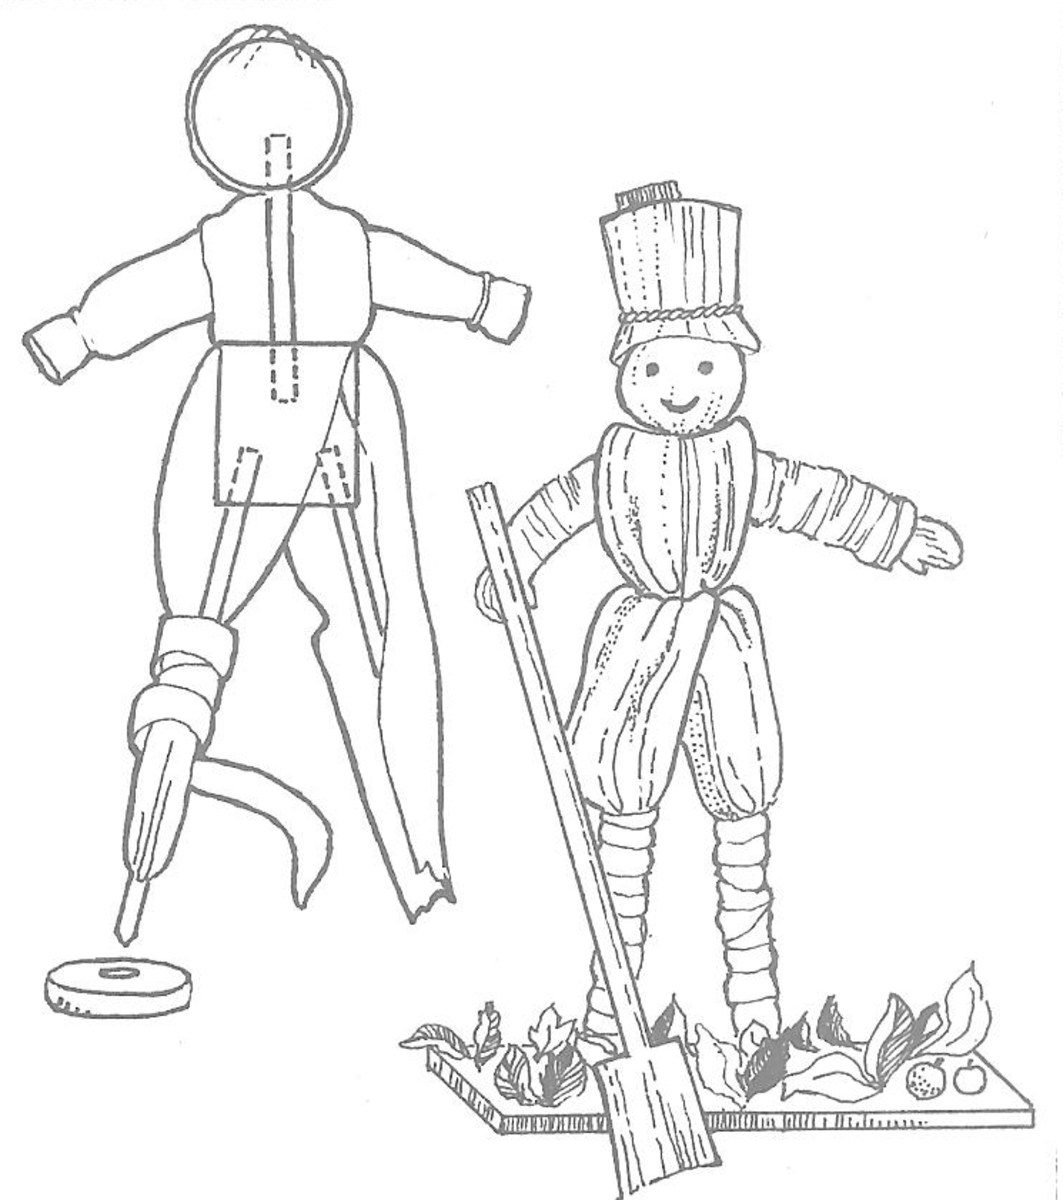 Figure 11 (right) Figure 12 (left)